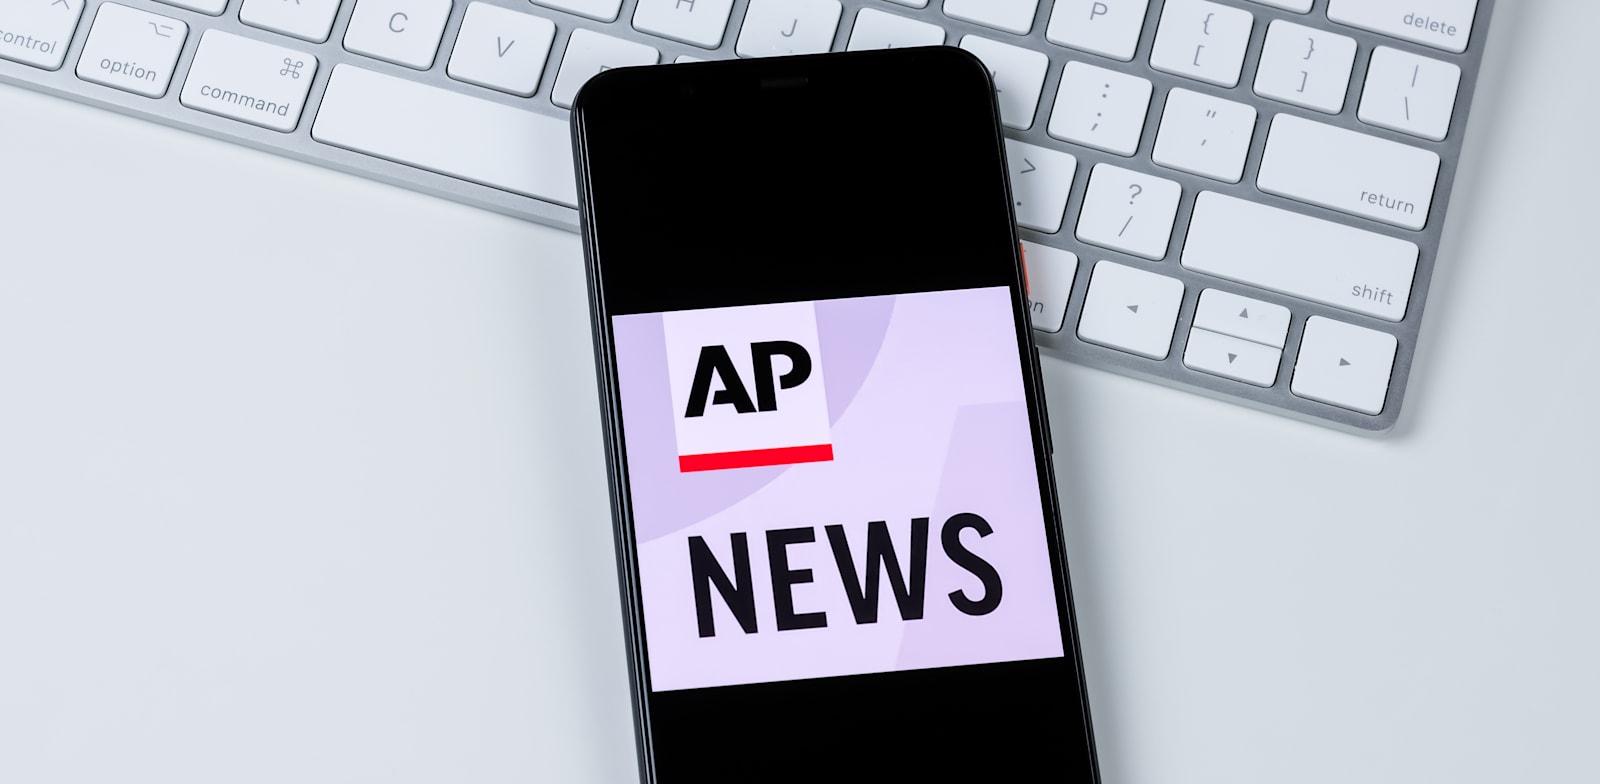 חדשות AP / צילום: Shutterstock, NYC Russ